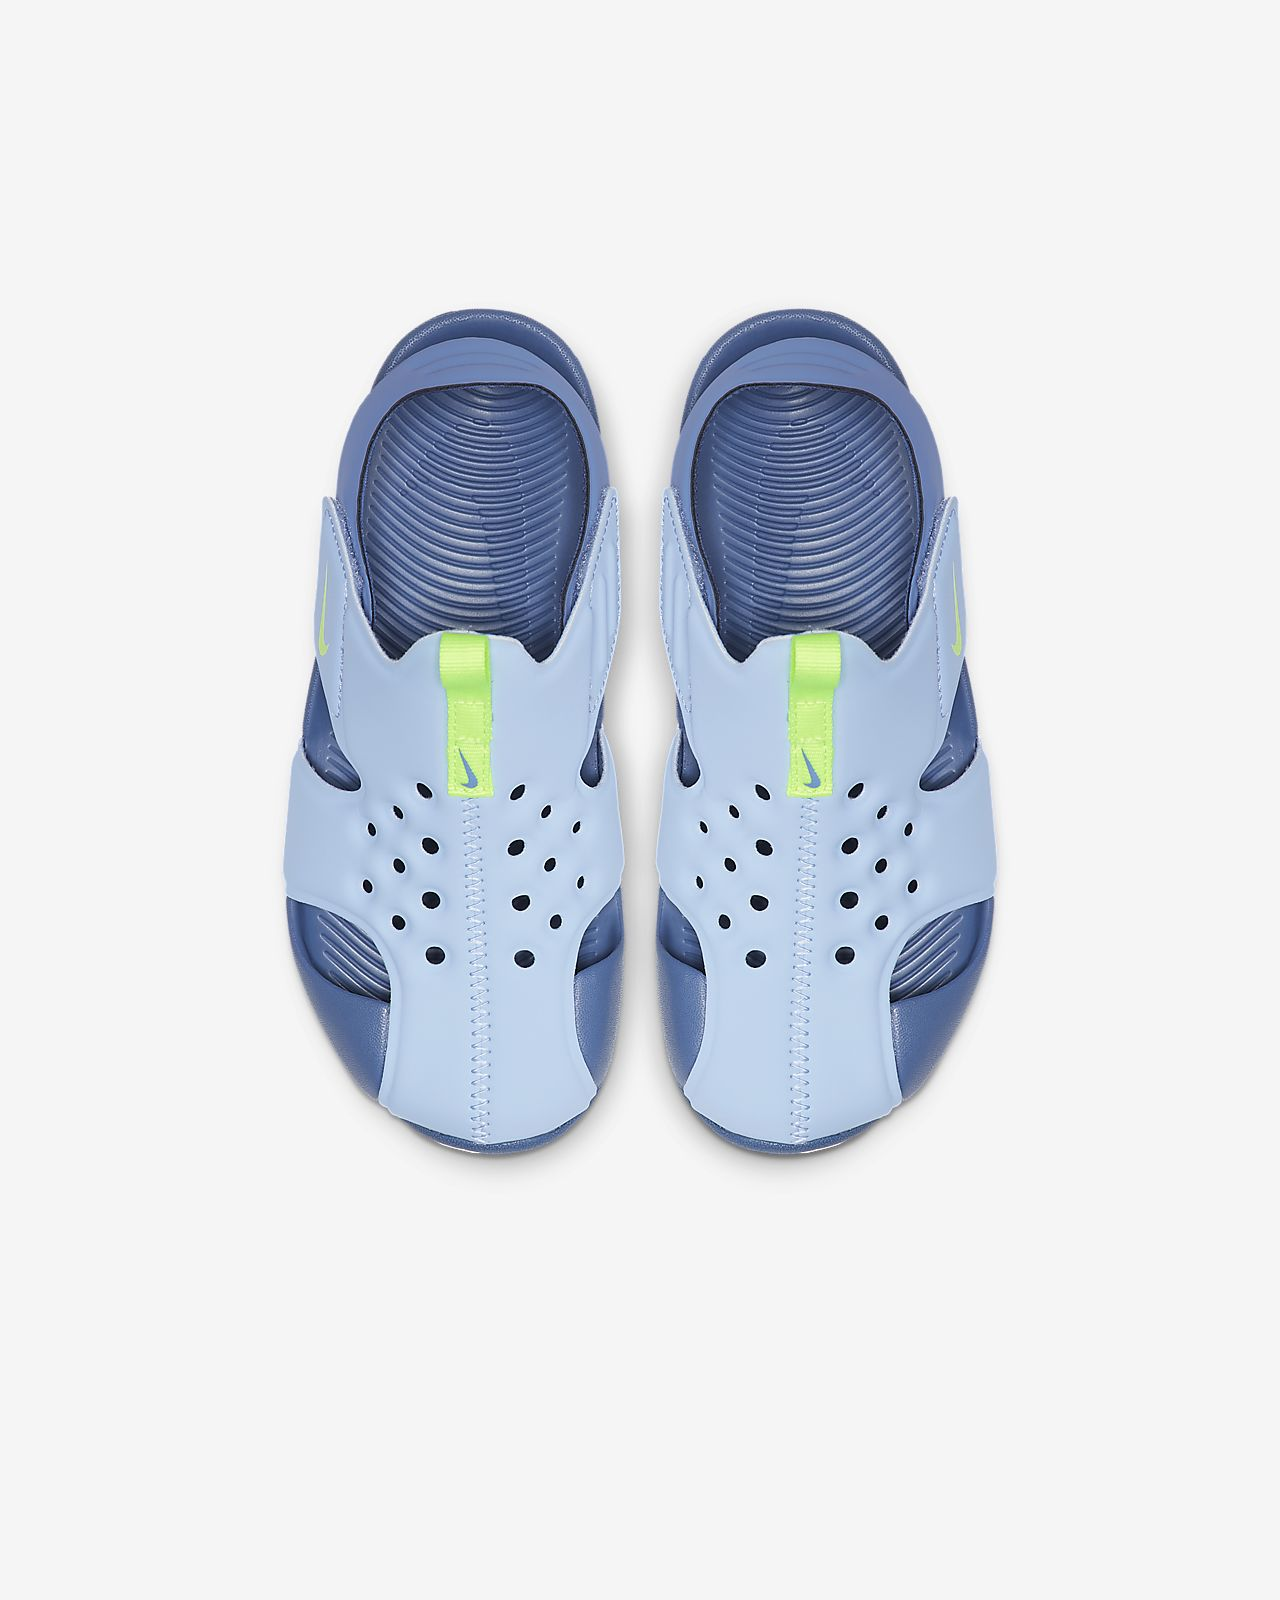 de88b3b91ea9 Nike Sunray Protect 2 Younger Kids  Sandal. Nike.com SA